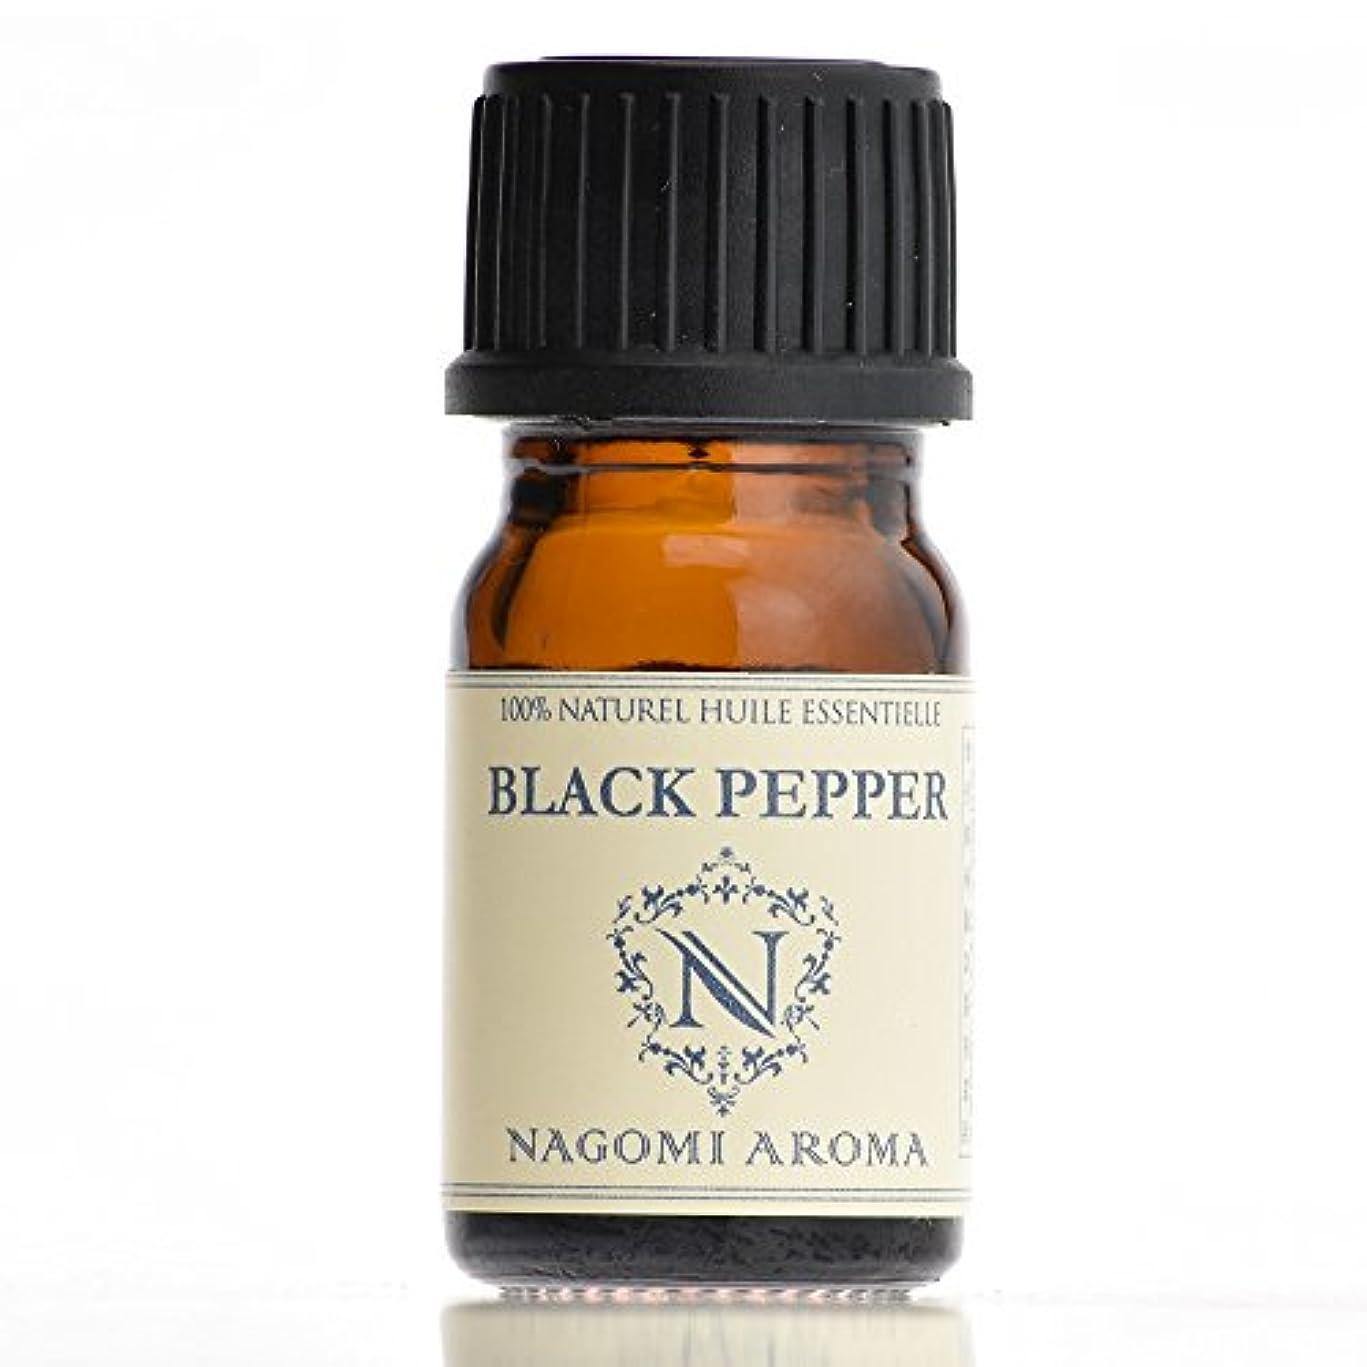 体現する幸運なことに全能【AEAJ認定表示基準認定精油】NAGOMI PURE ブラックペッパー 5ml 【エッセンシャルオイル】【精油】【アロマオイル】|CONVOIL